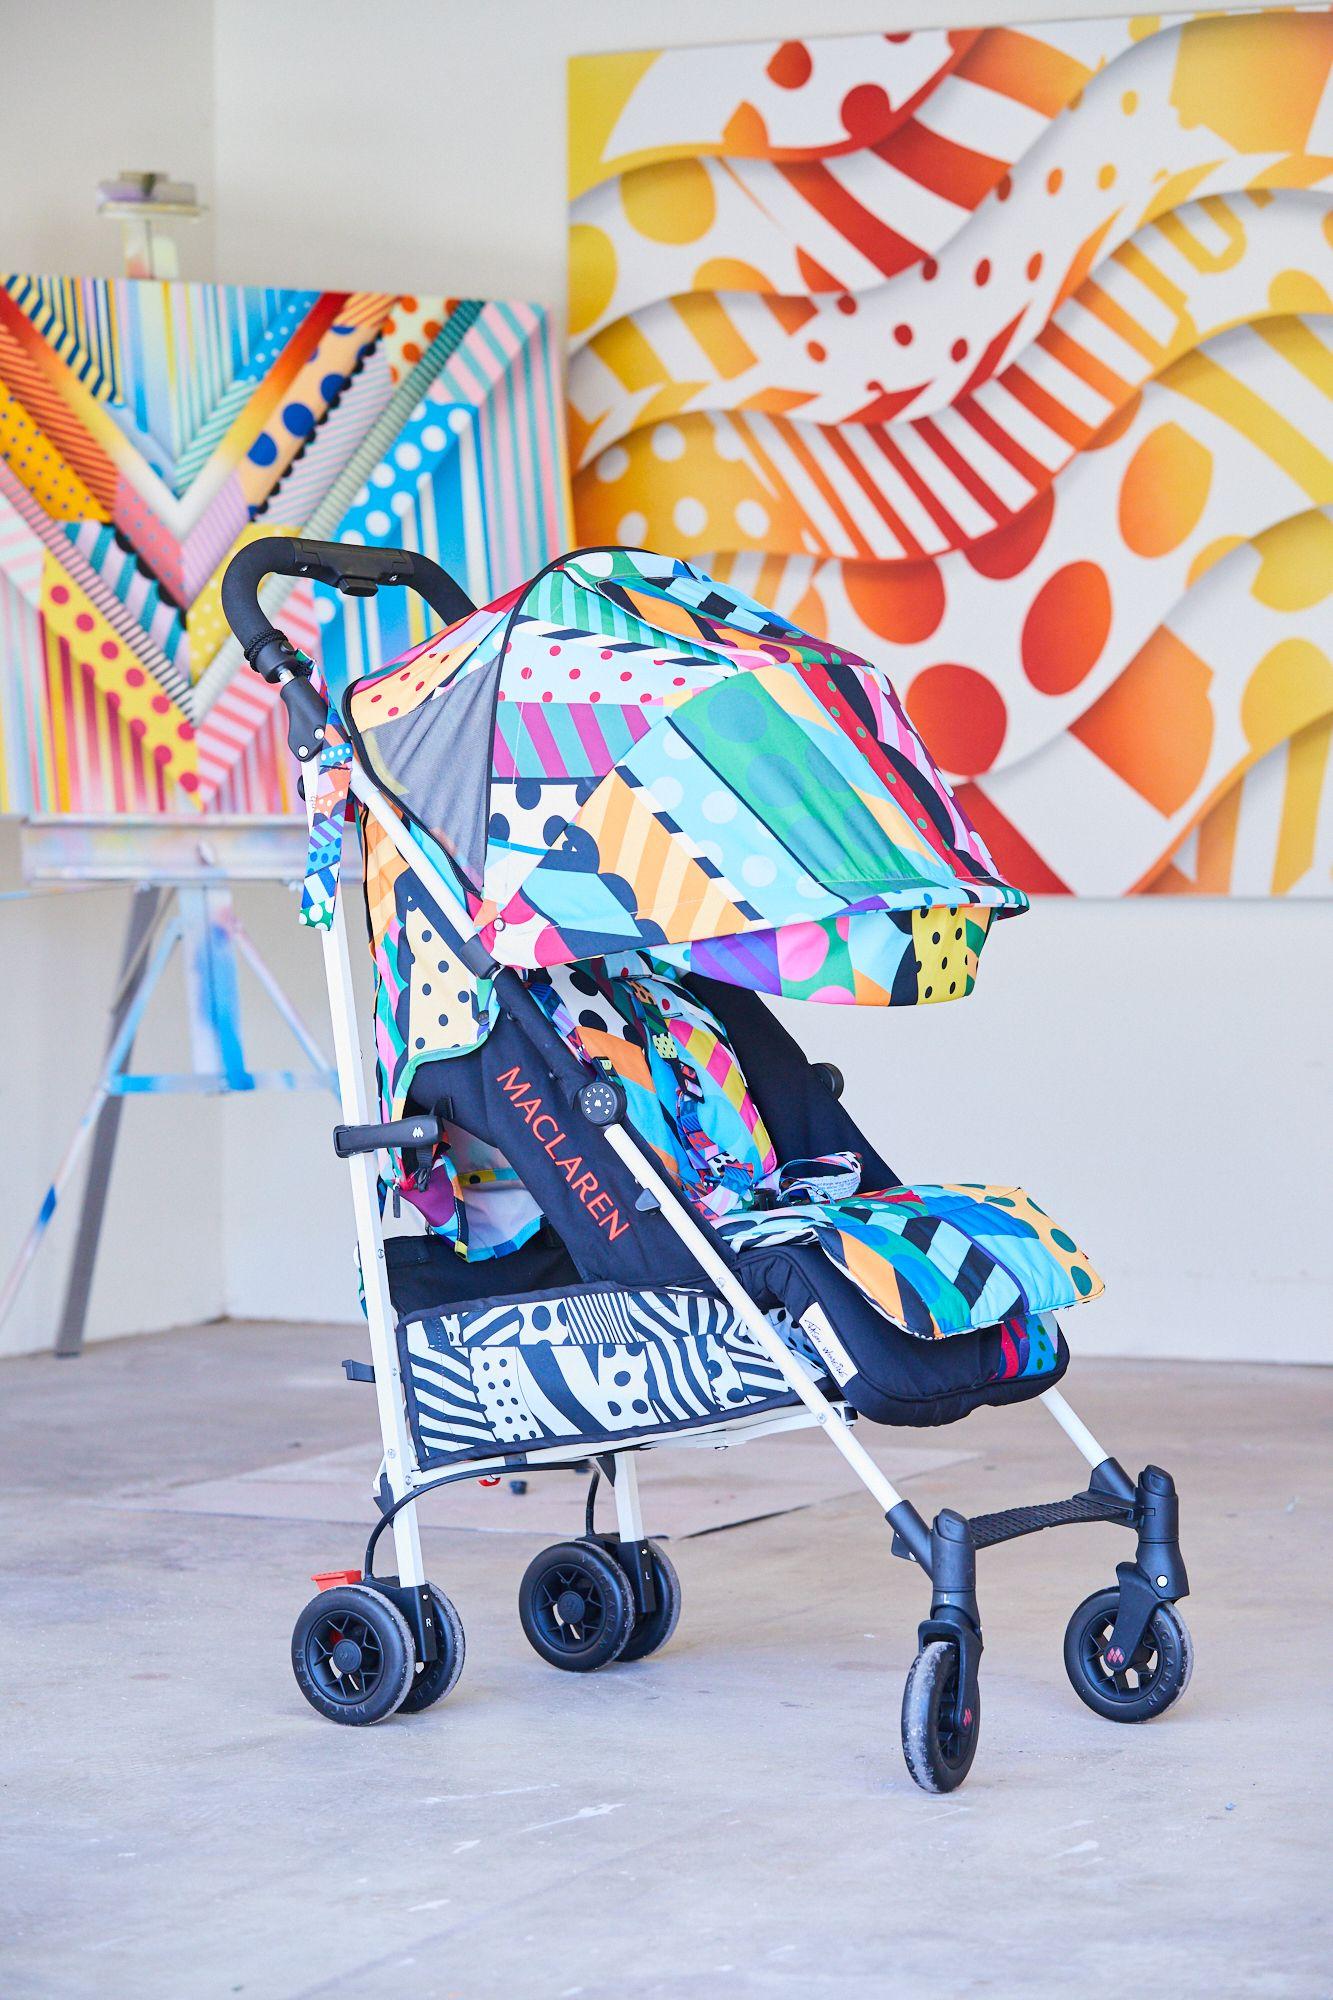 30 Maclaren X Jason Woodside Ideas In 2021 Woodside Maclaren Street Art